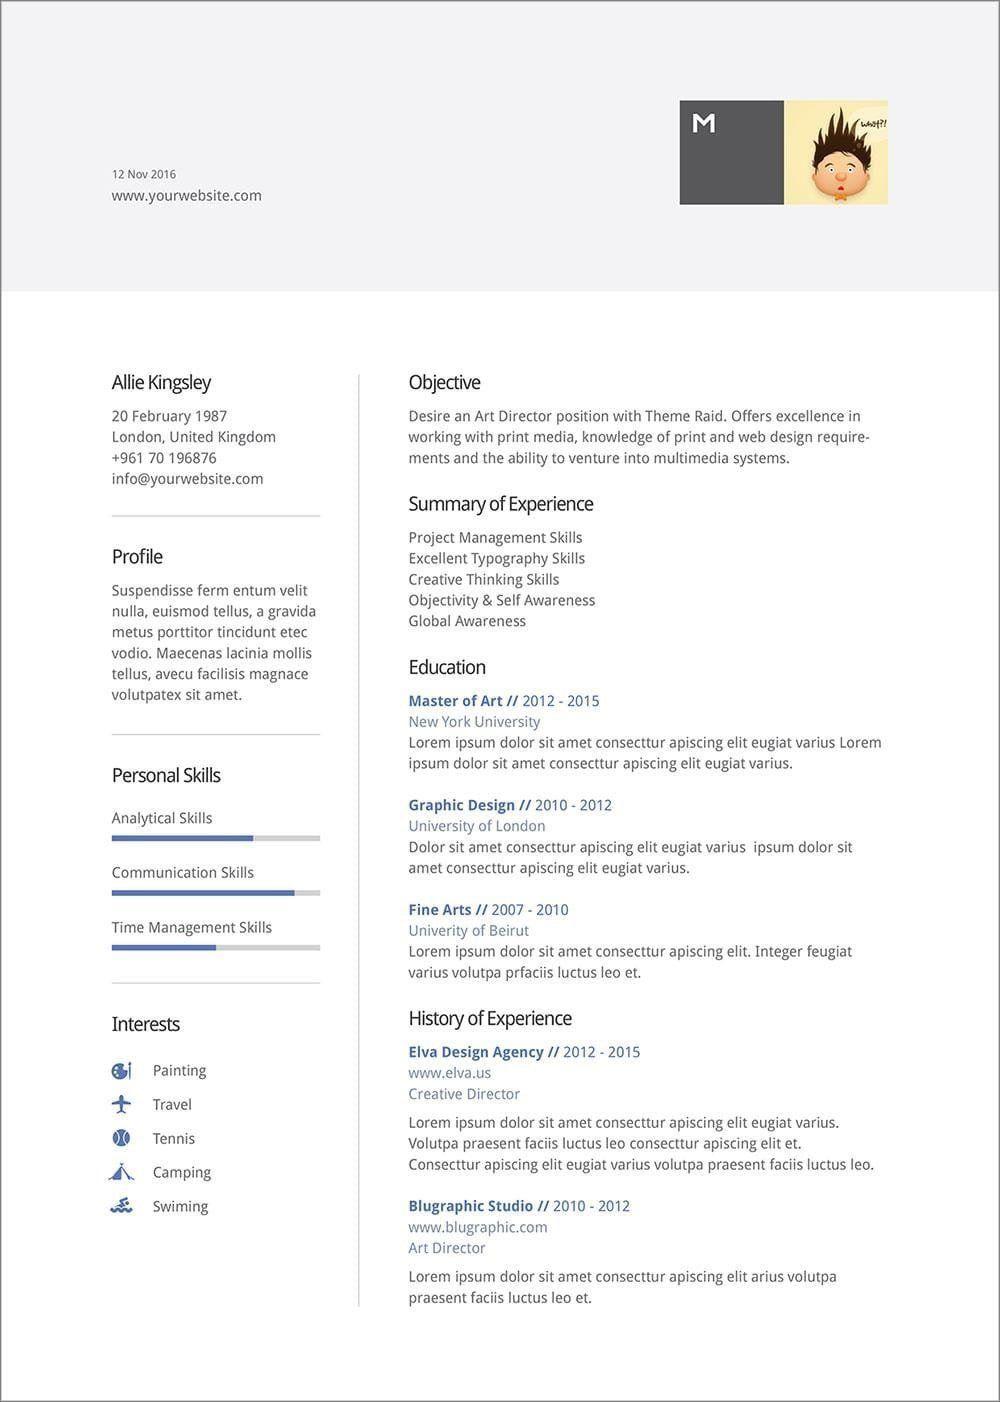 006 Astounding Resume Template On Microsoft Word Highest Clarity  Sample 2007 Cv 2010Full